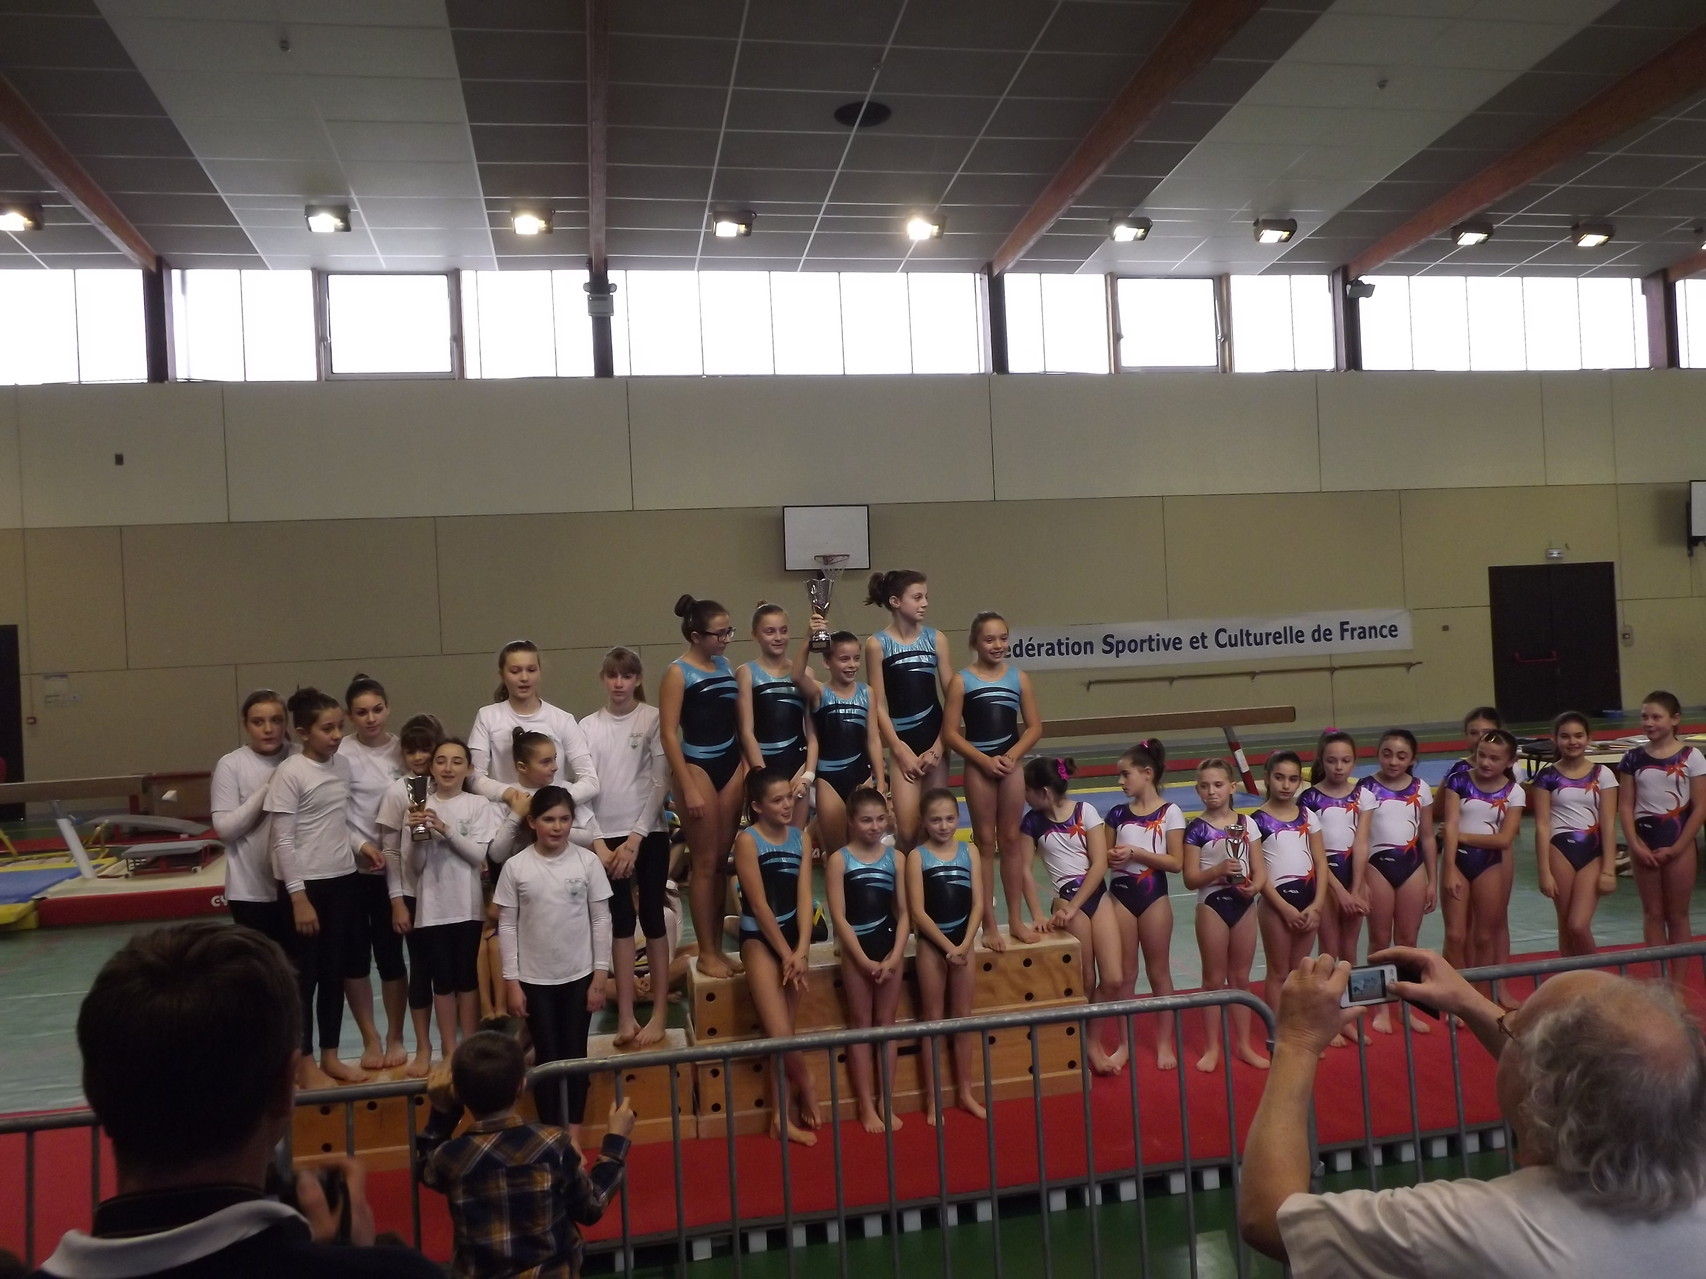 Podium equipe Jeunesses Promotion:1ère Envolée de Dax 2, 2ème Espoir Mugronnais 2, 3ème Violette Aturine 3